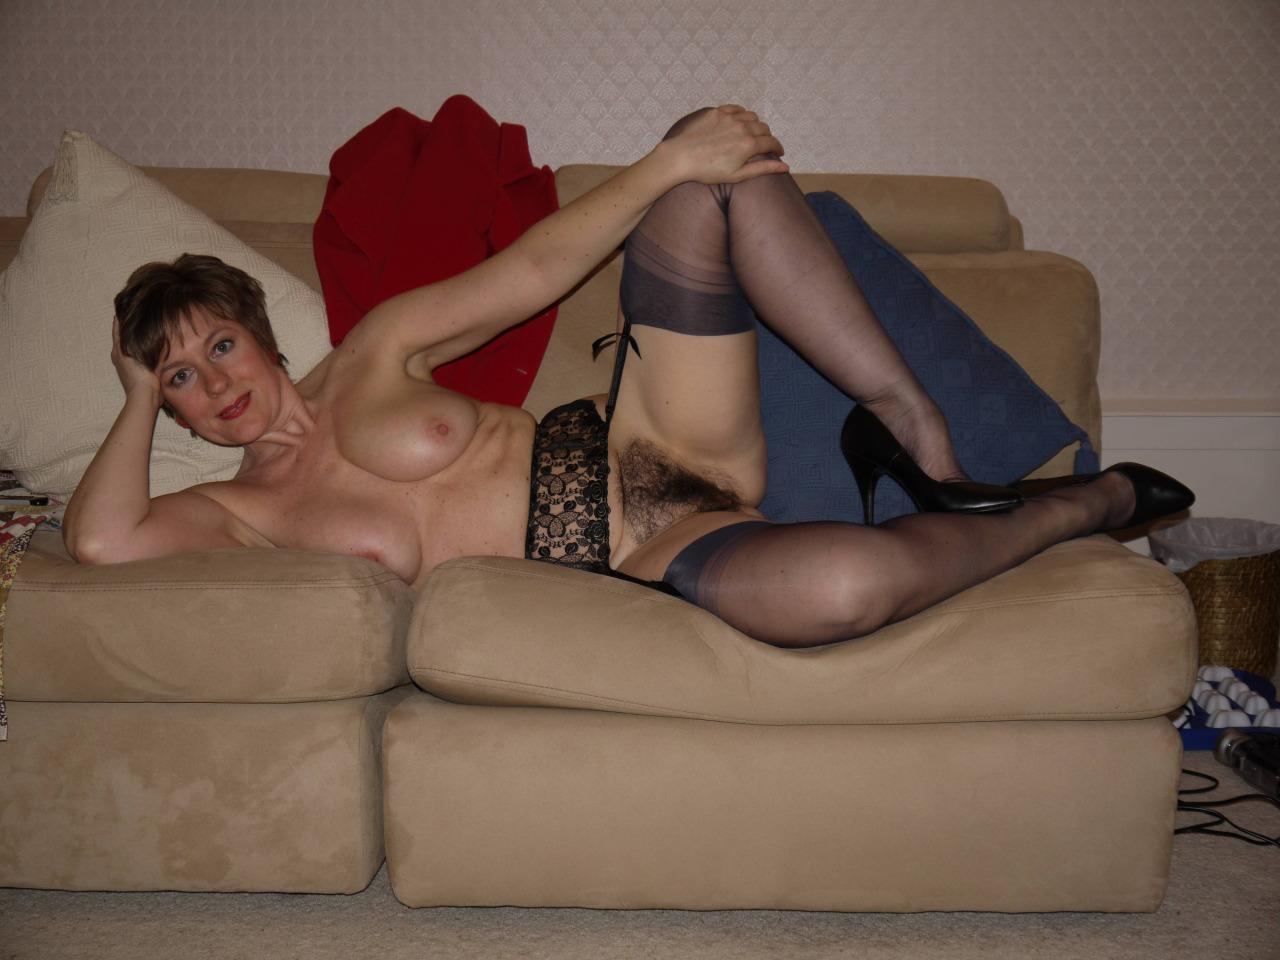 maman nue en photo sexe  144